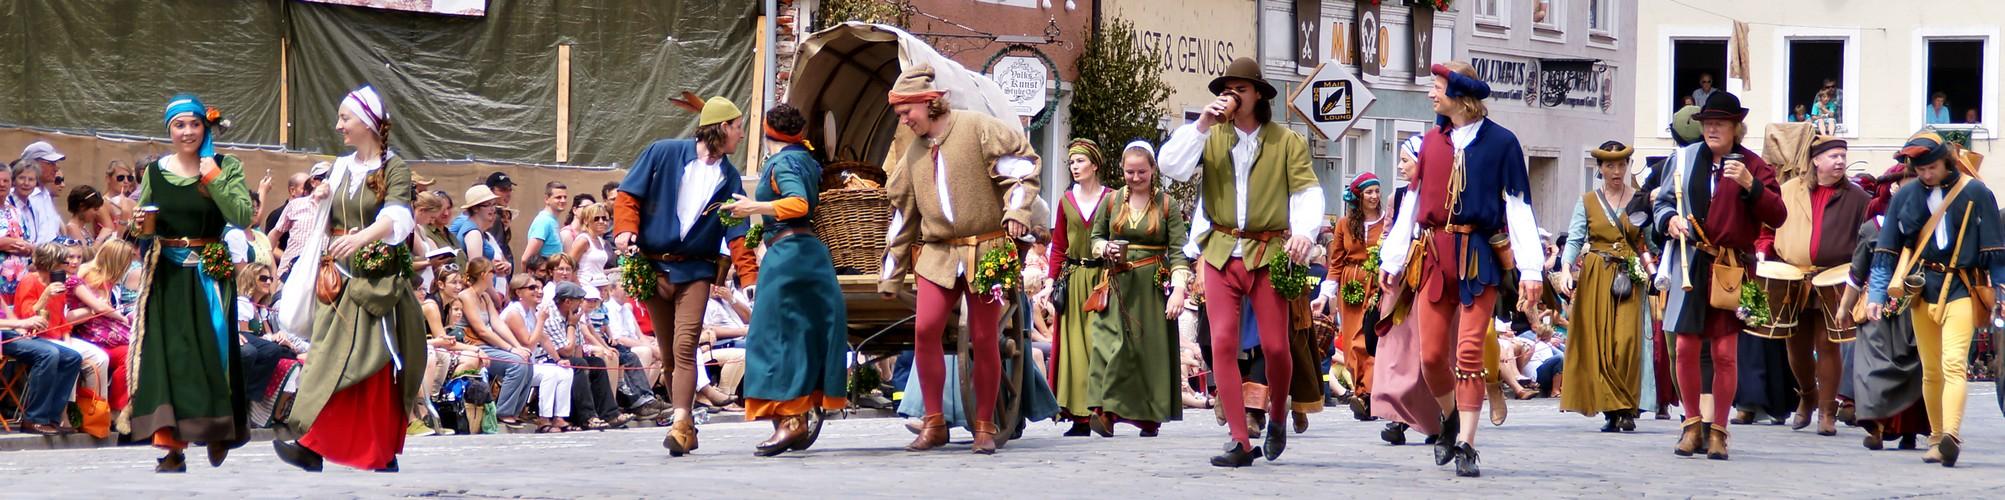 Landshuter Hochzeit 2013 (17)